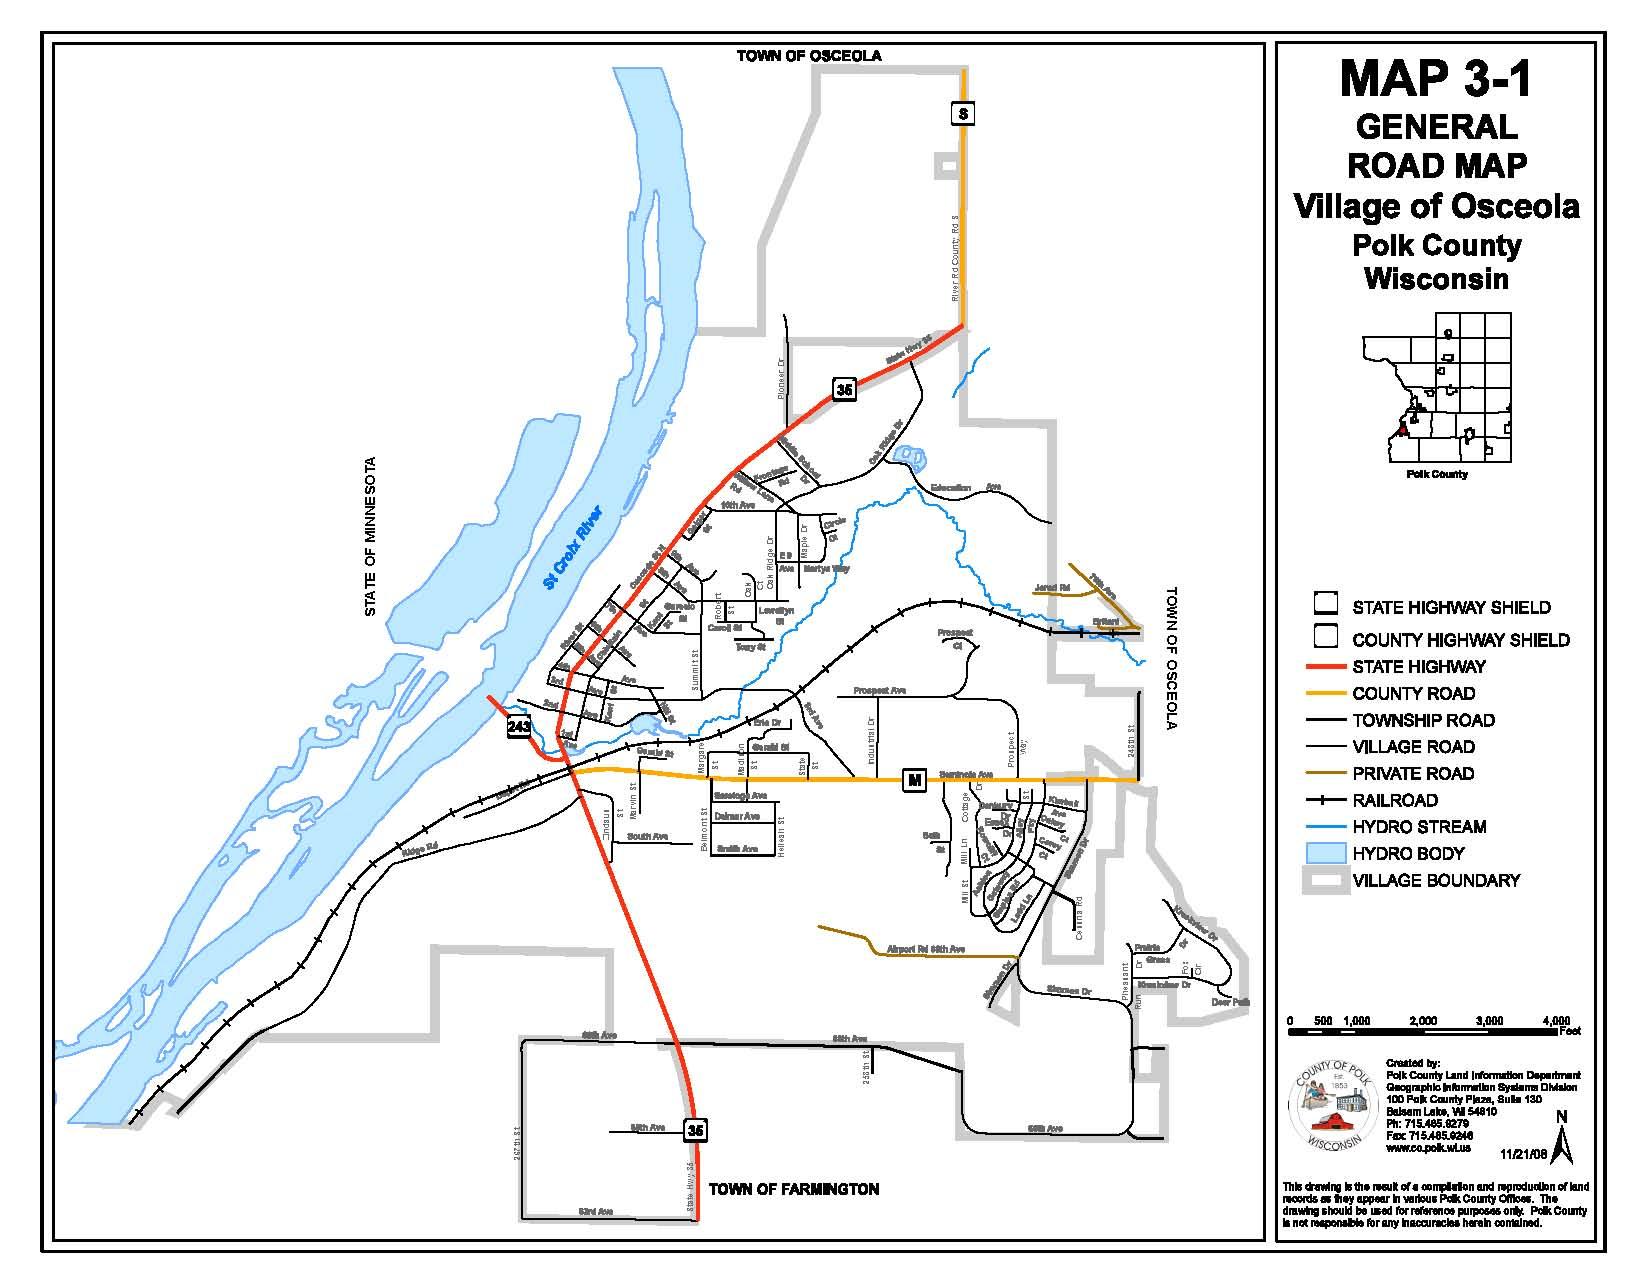 Osceola Maps Osceola Wisconsin – Road Map Wisconsin